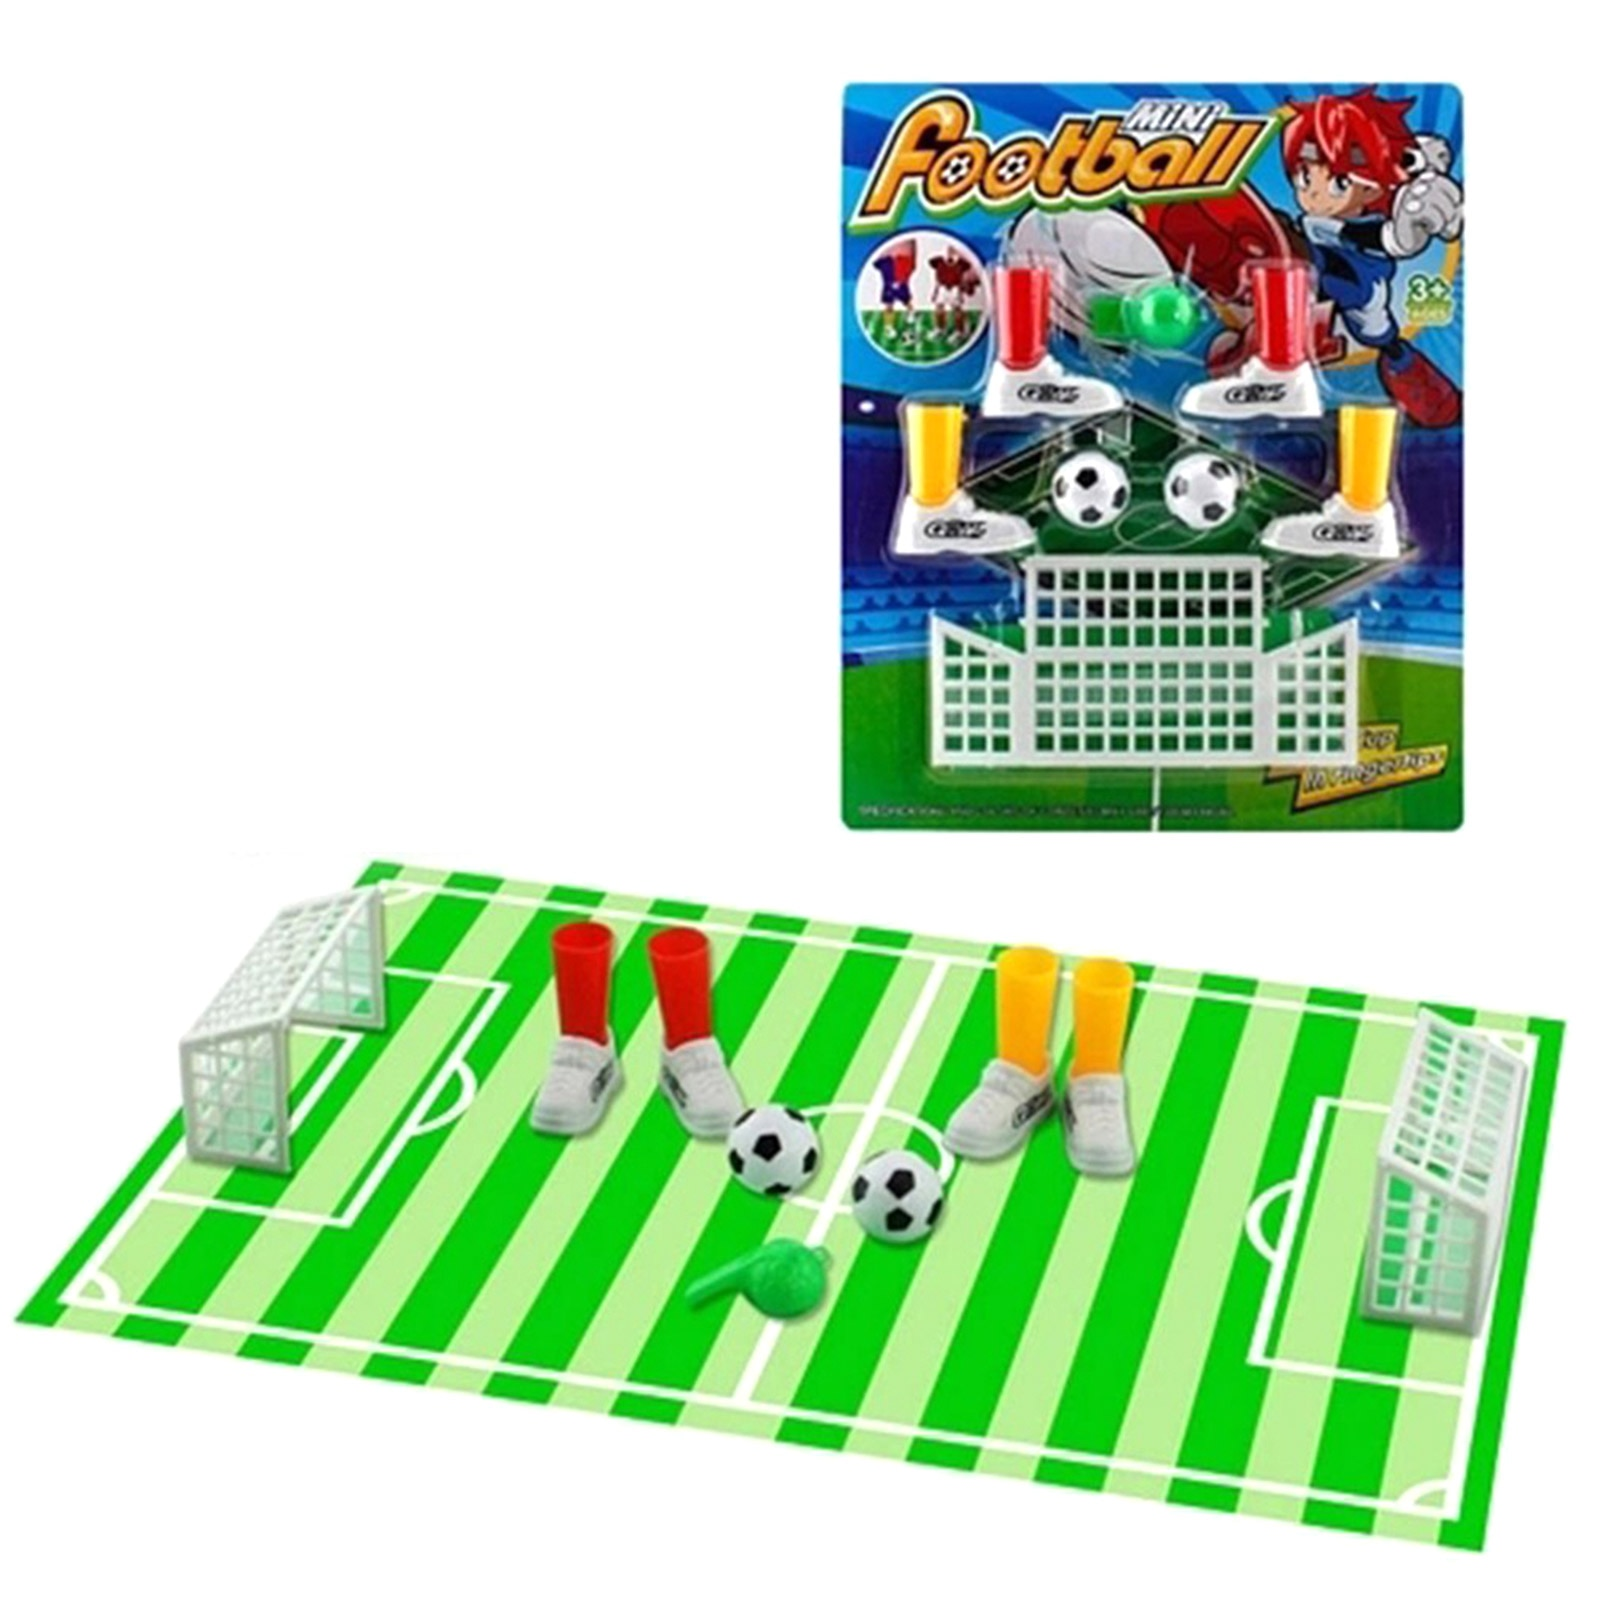 Фото - Пальчиковая футбольная игрушка, детская игра, Забавный Пальчиковый футбол, подарок на день рождения для вечеринки, игры, Мультиплеер для ма... настольные игры bradex настольная игра пальчиковый футбол